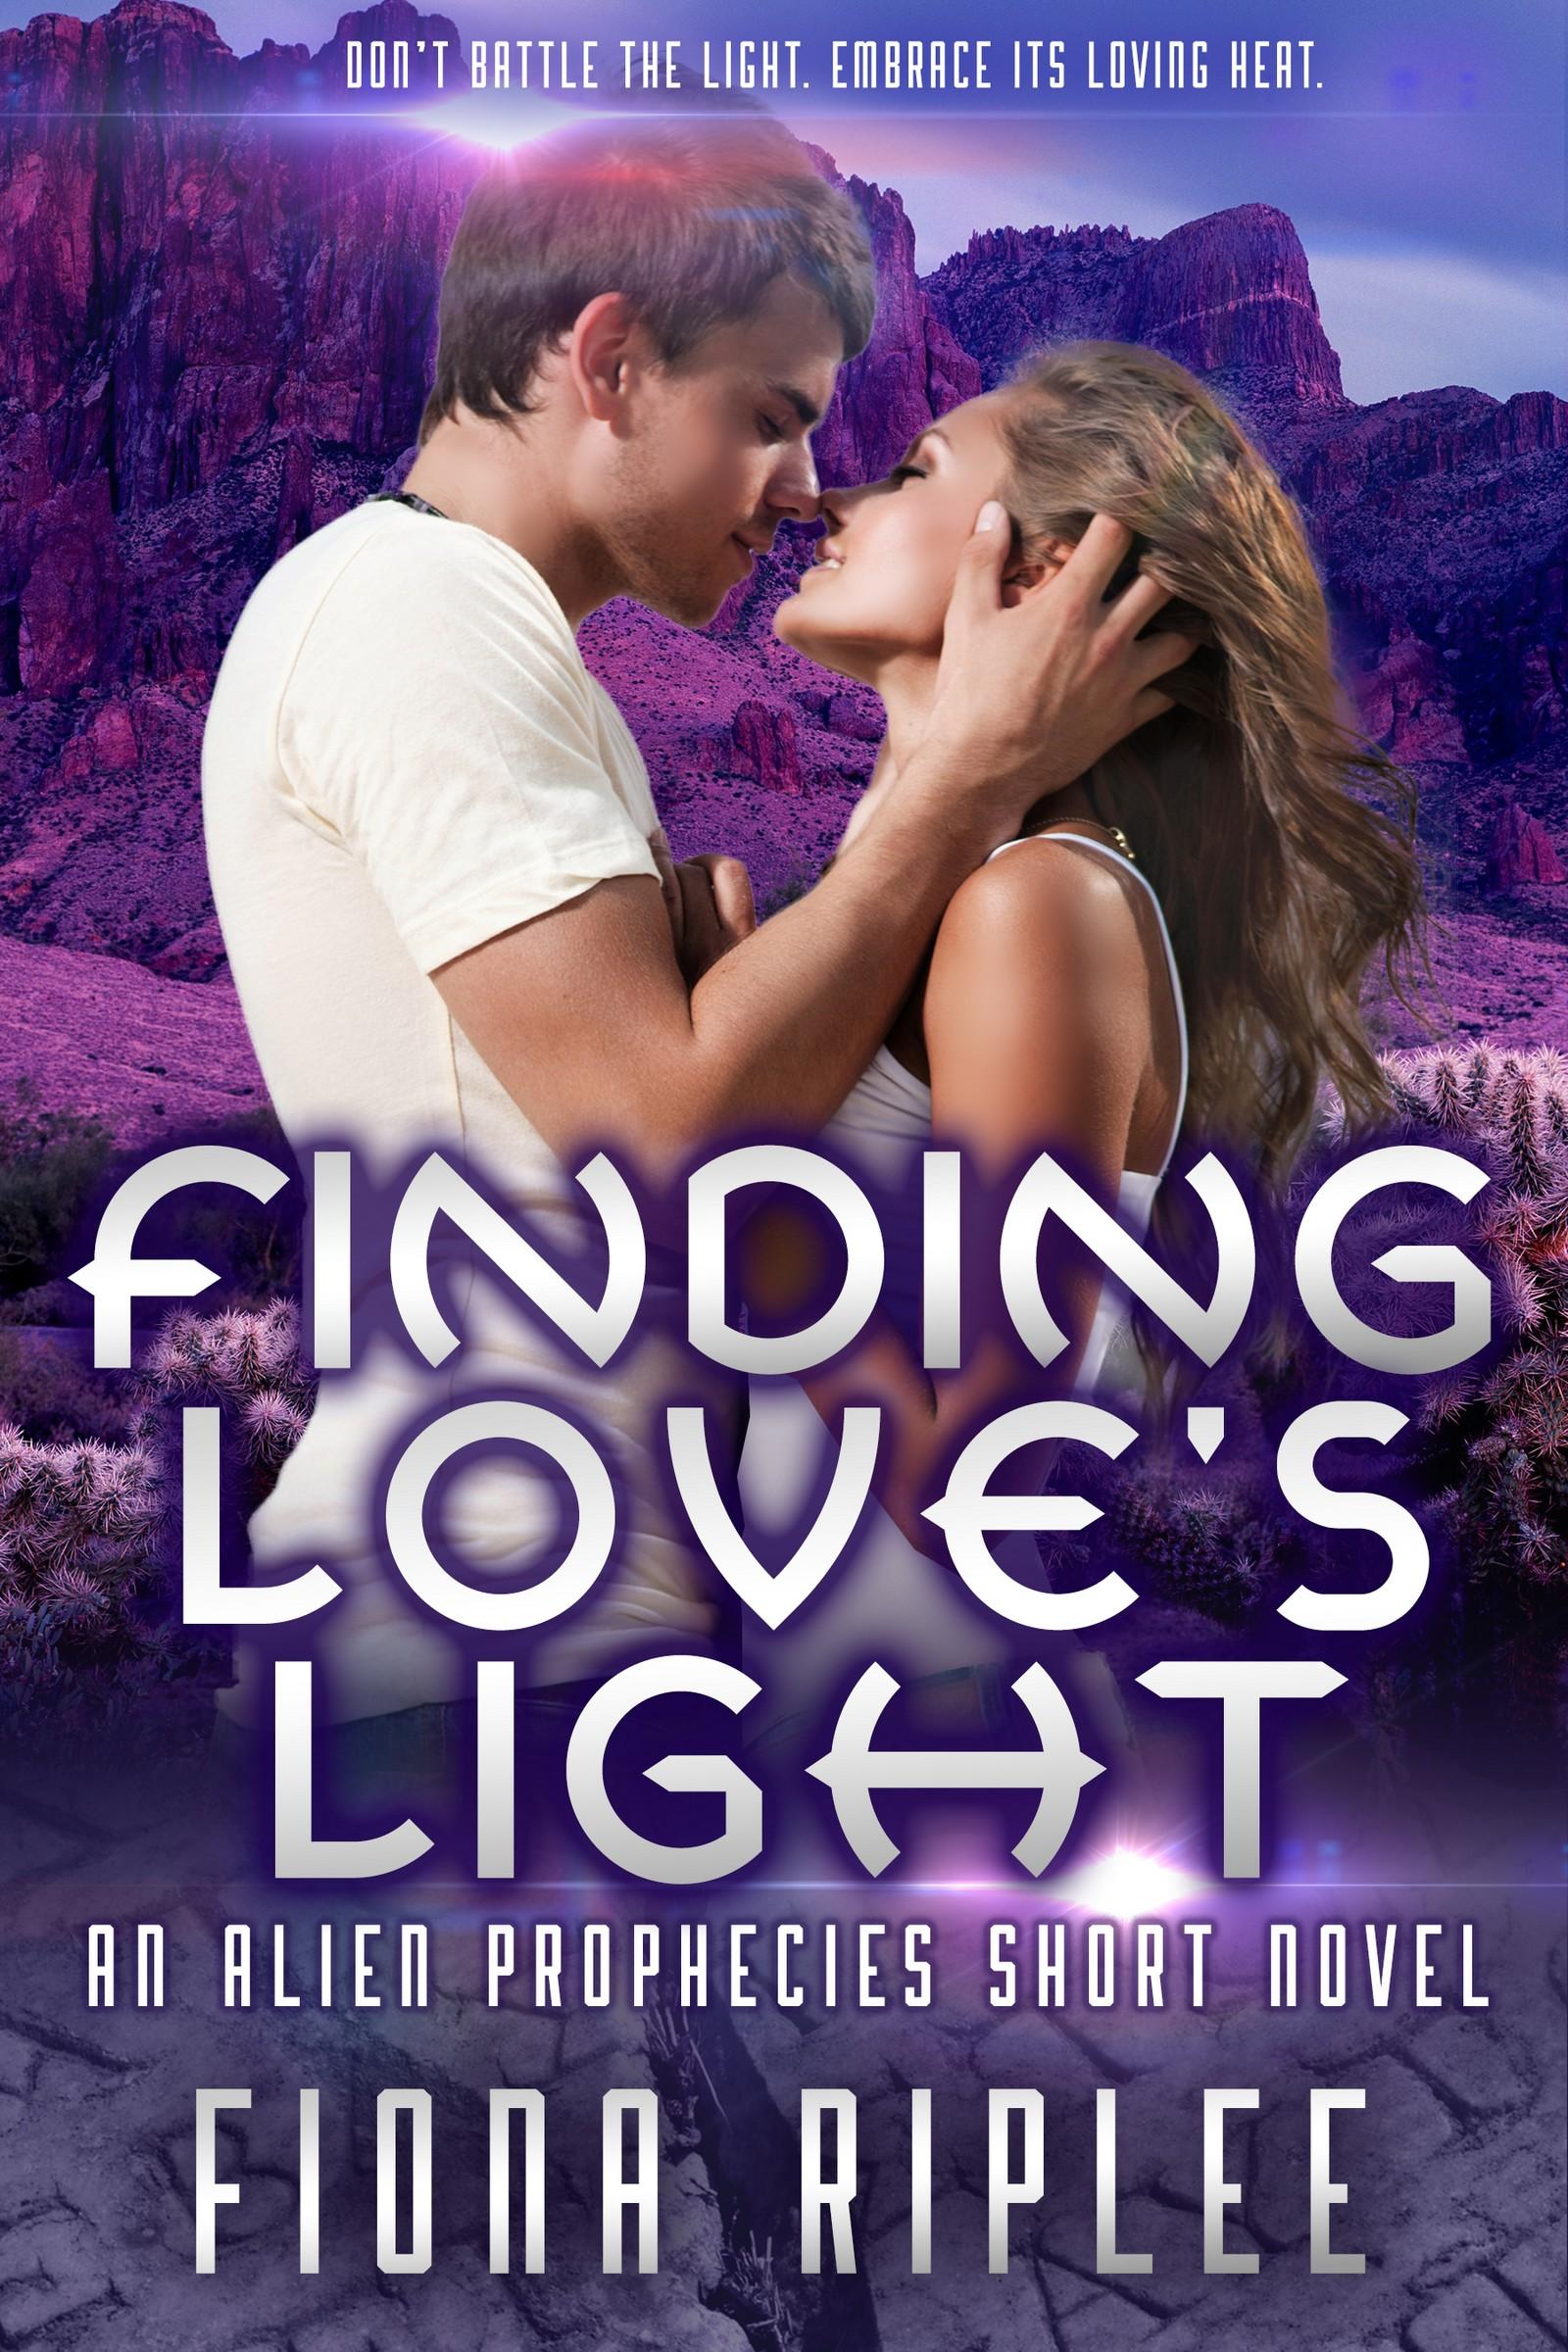 Finding_Loves_Light_1600x2400.jpg